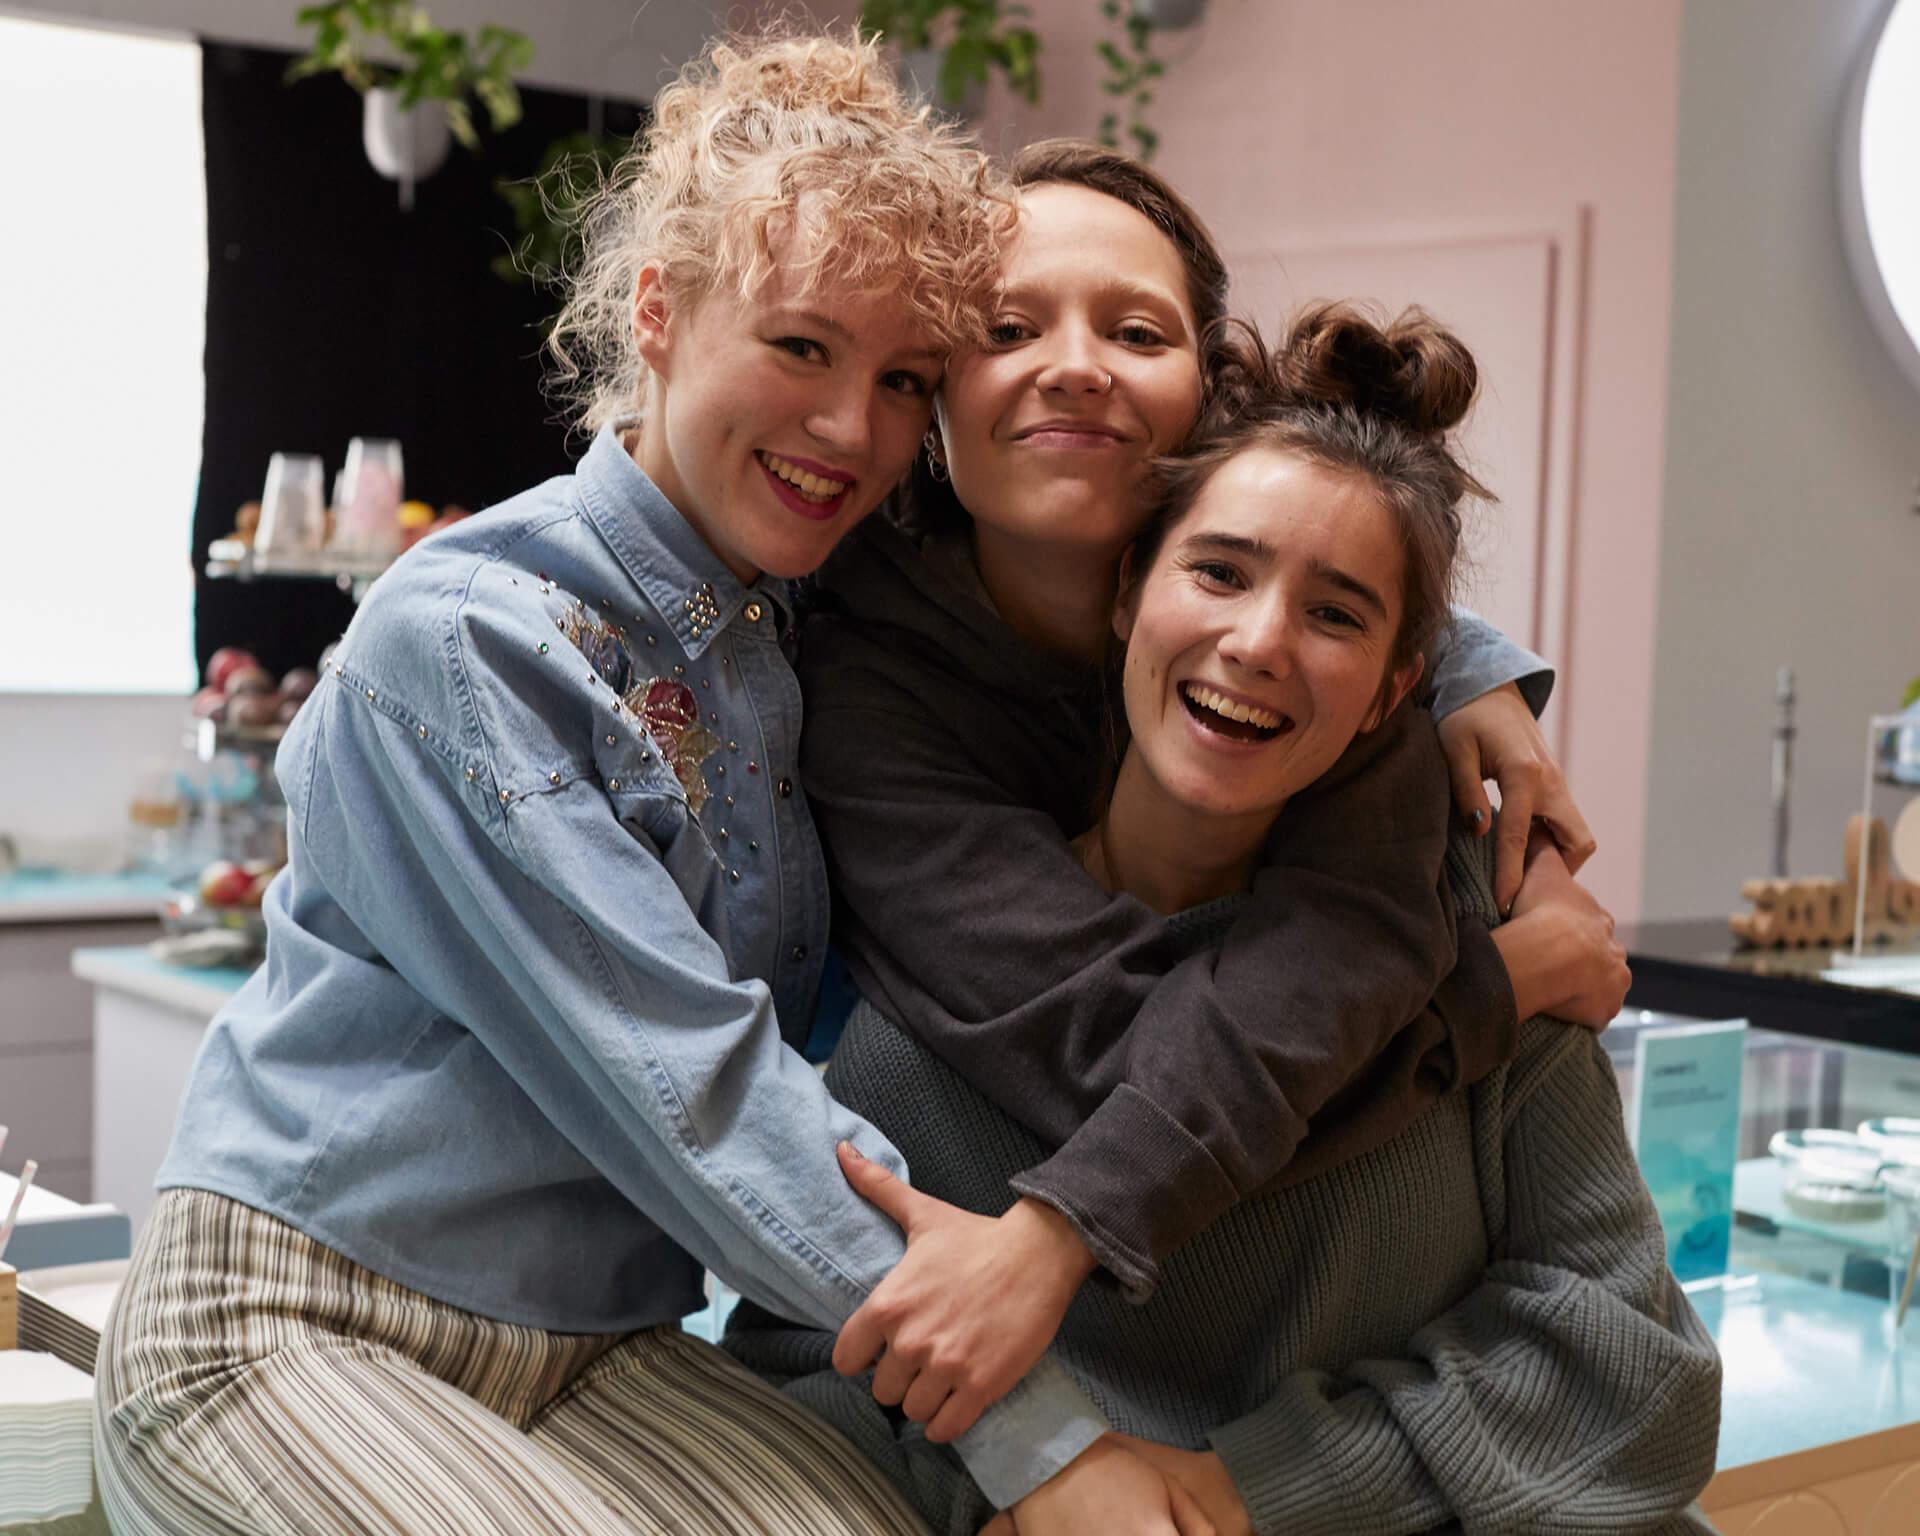 Ohjaaja Alli Haapasalon uusi elokuva nostaa teinityttöjen ajatukset ja tunteet keskiöön – pääosissa Aamu Milonoff, Linnea Leino ja Eleonoora Kauhanen